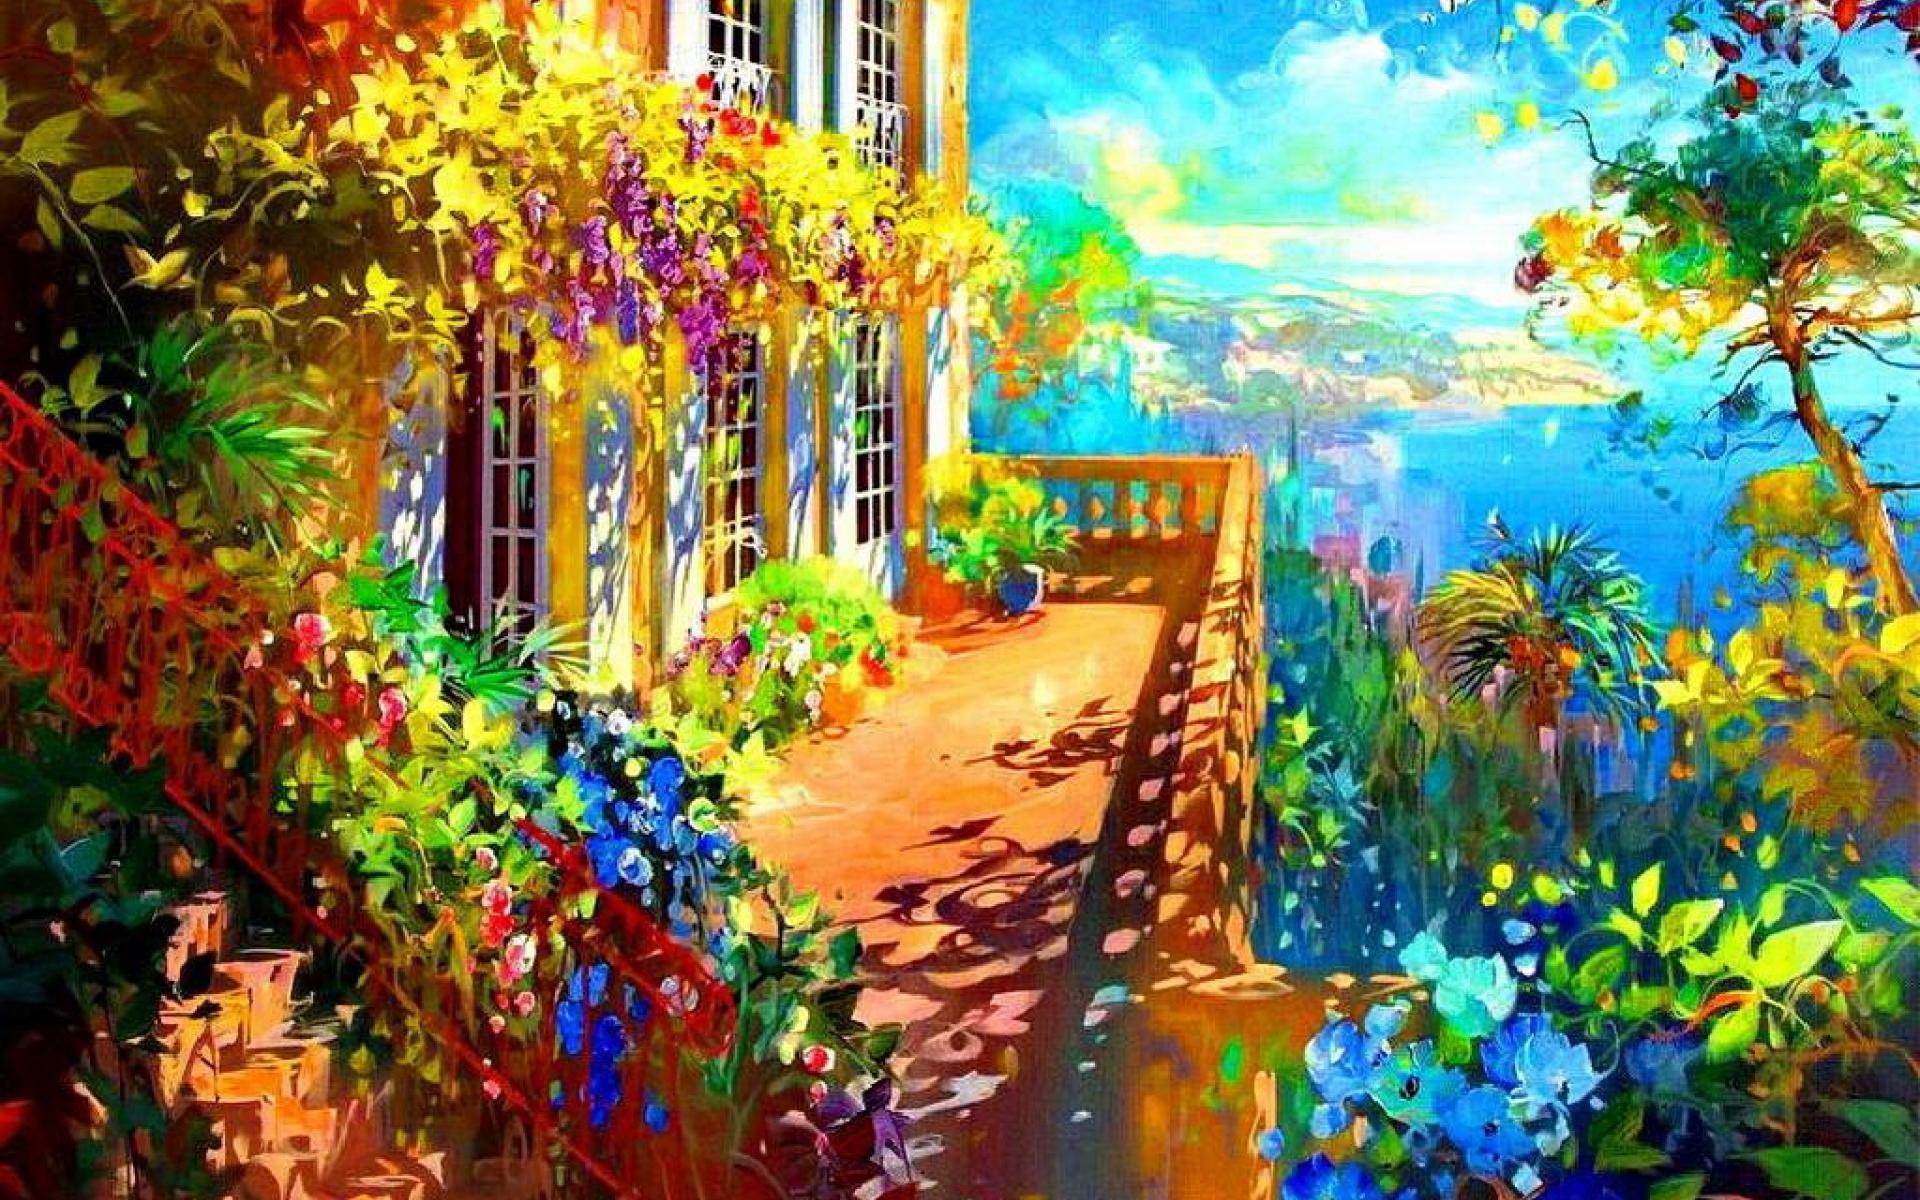 Lovely Sunny Day Wallpaper 12583